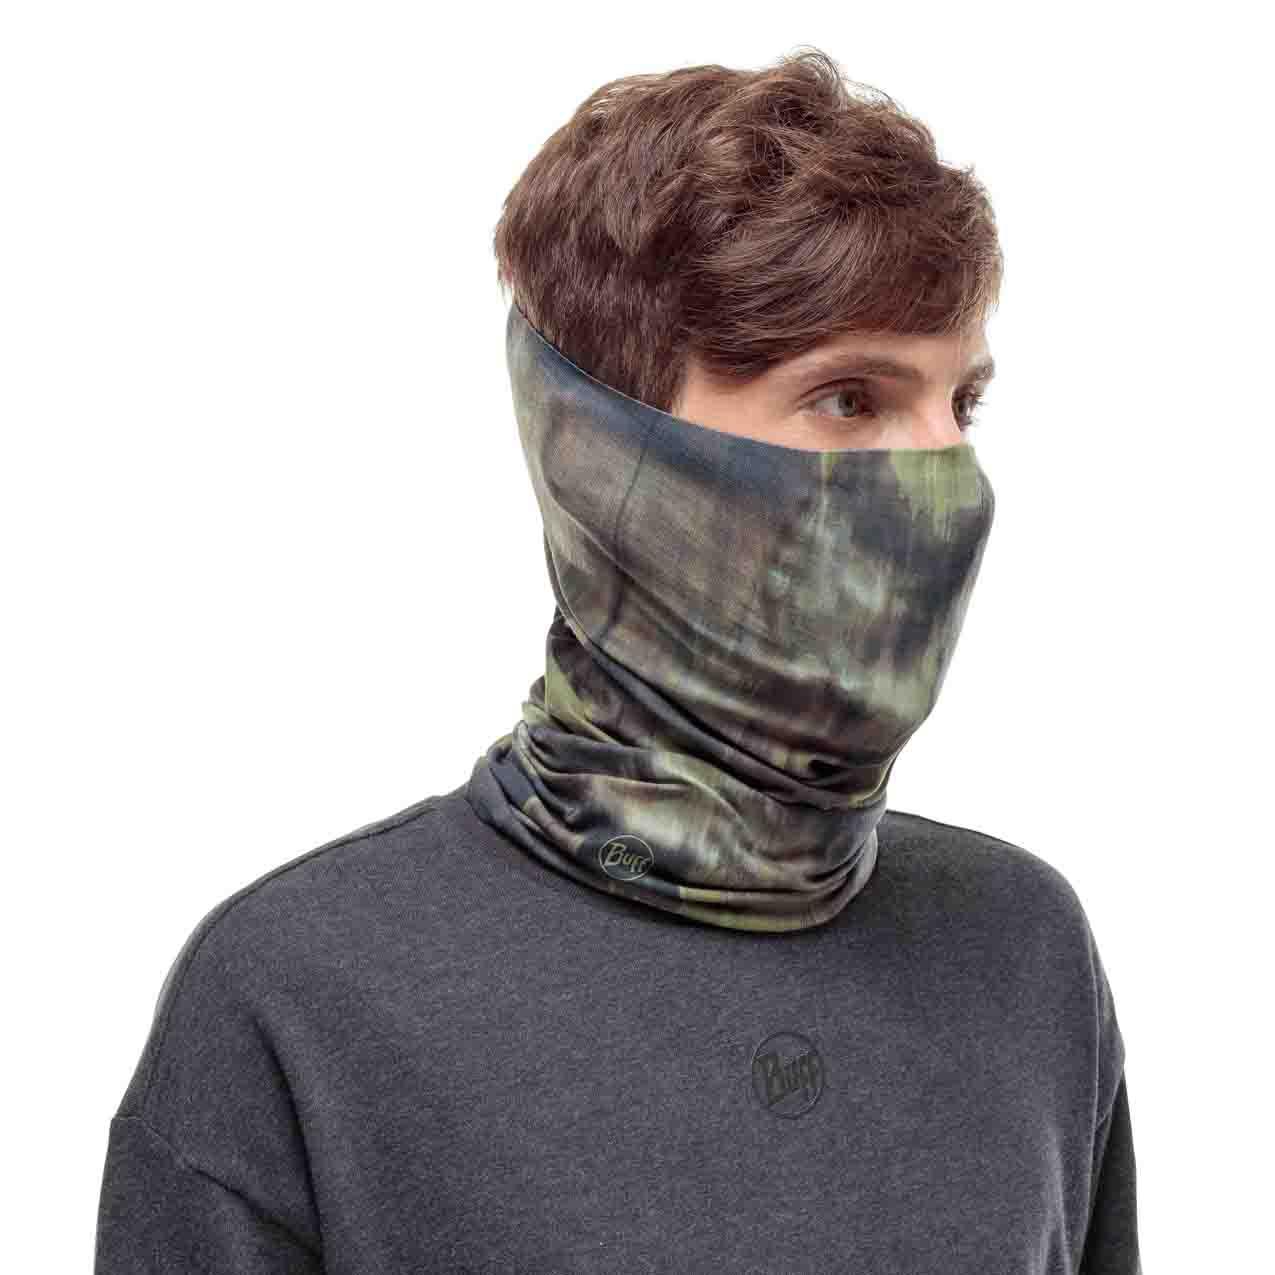 Buff 21/22 Face Masks